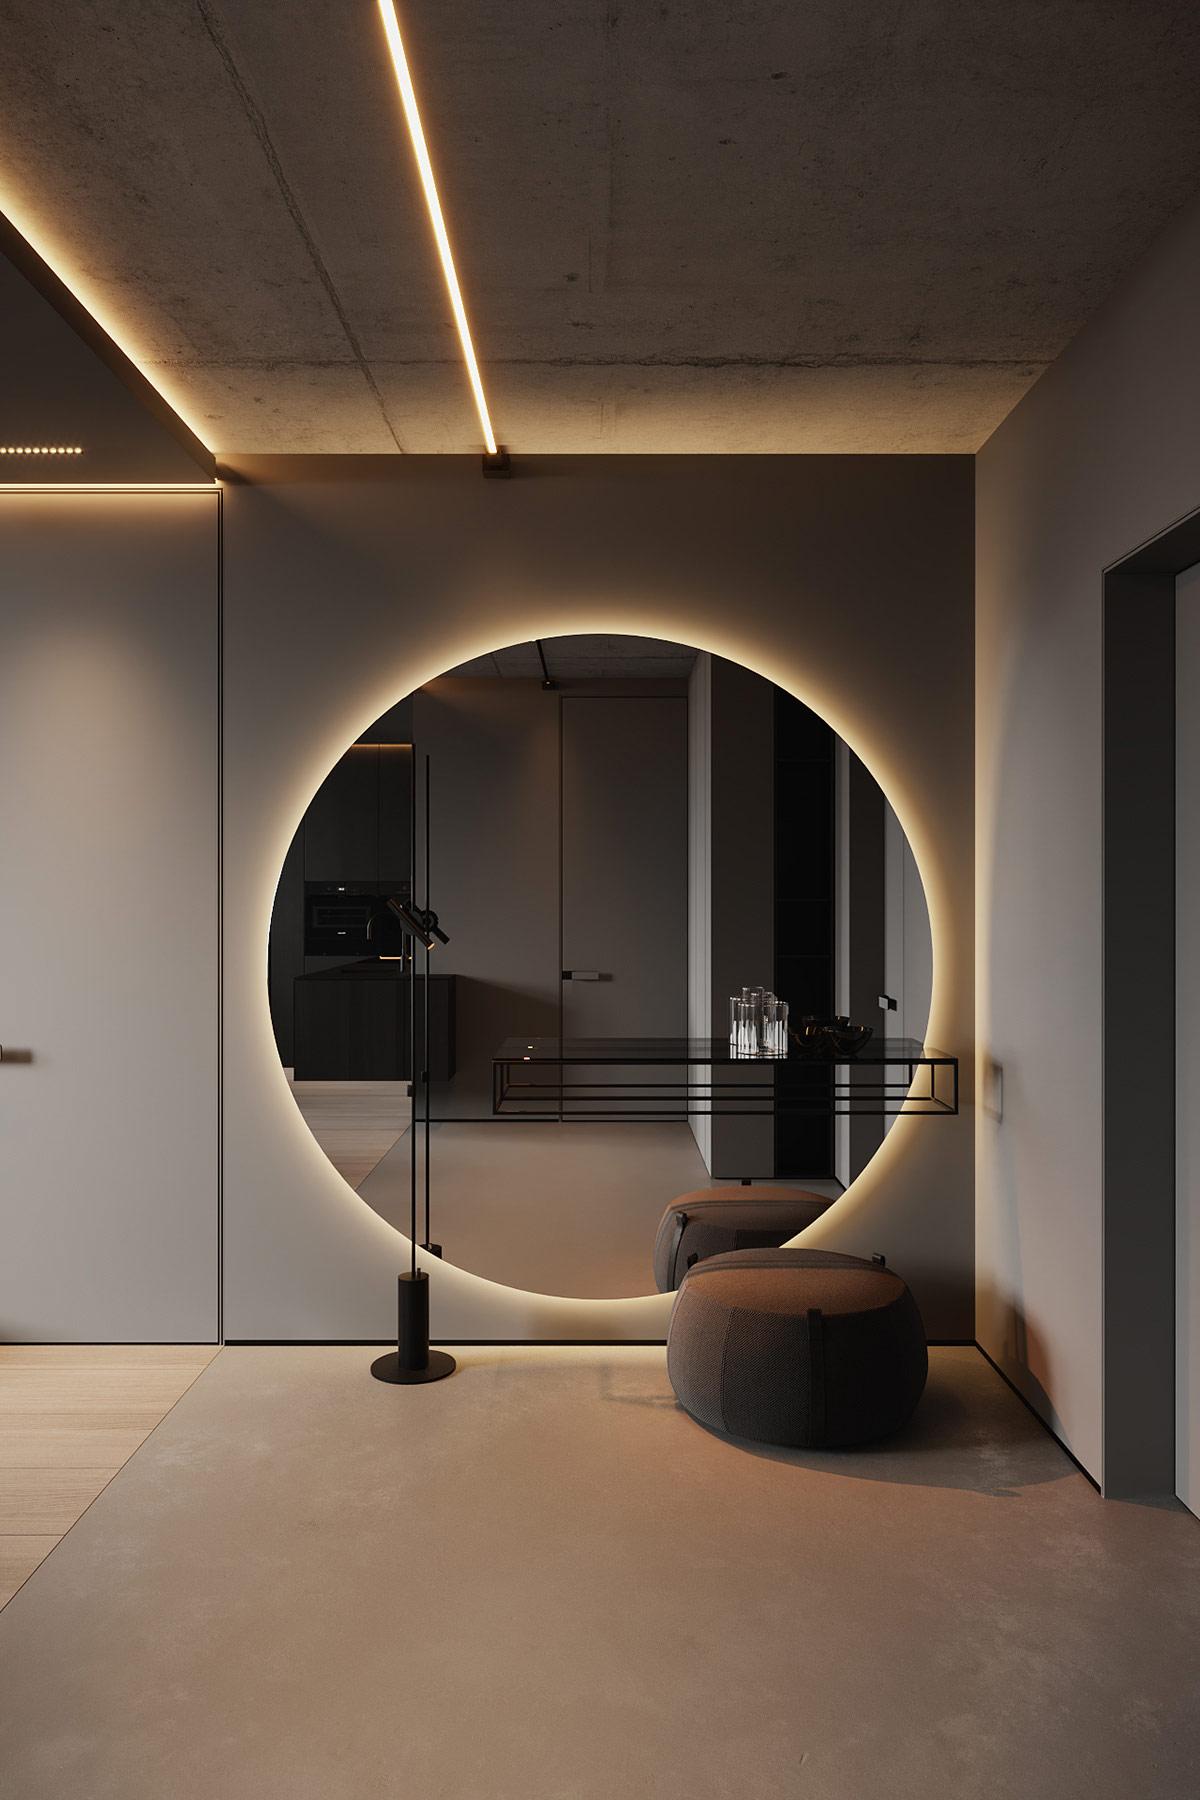 Một tấm gương treo tường trang trí lớn chiếu một vòng ánh sáng vào lối vào